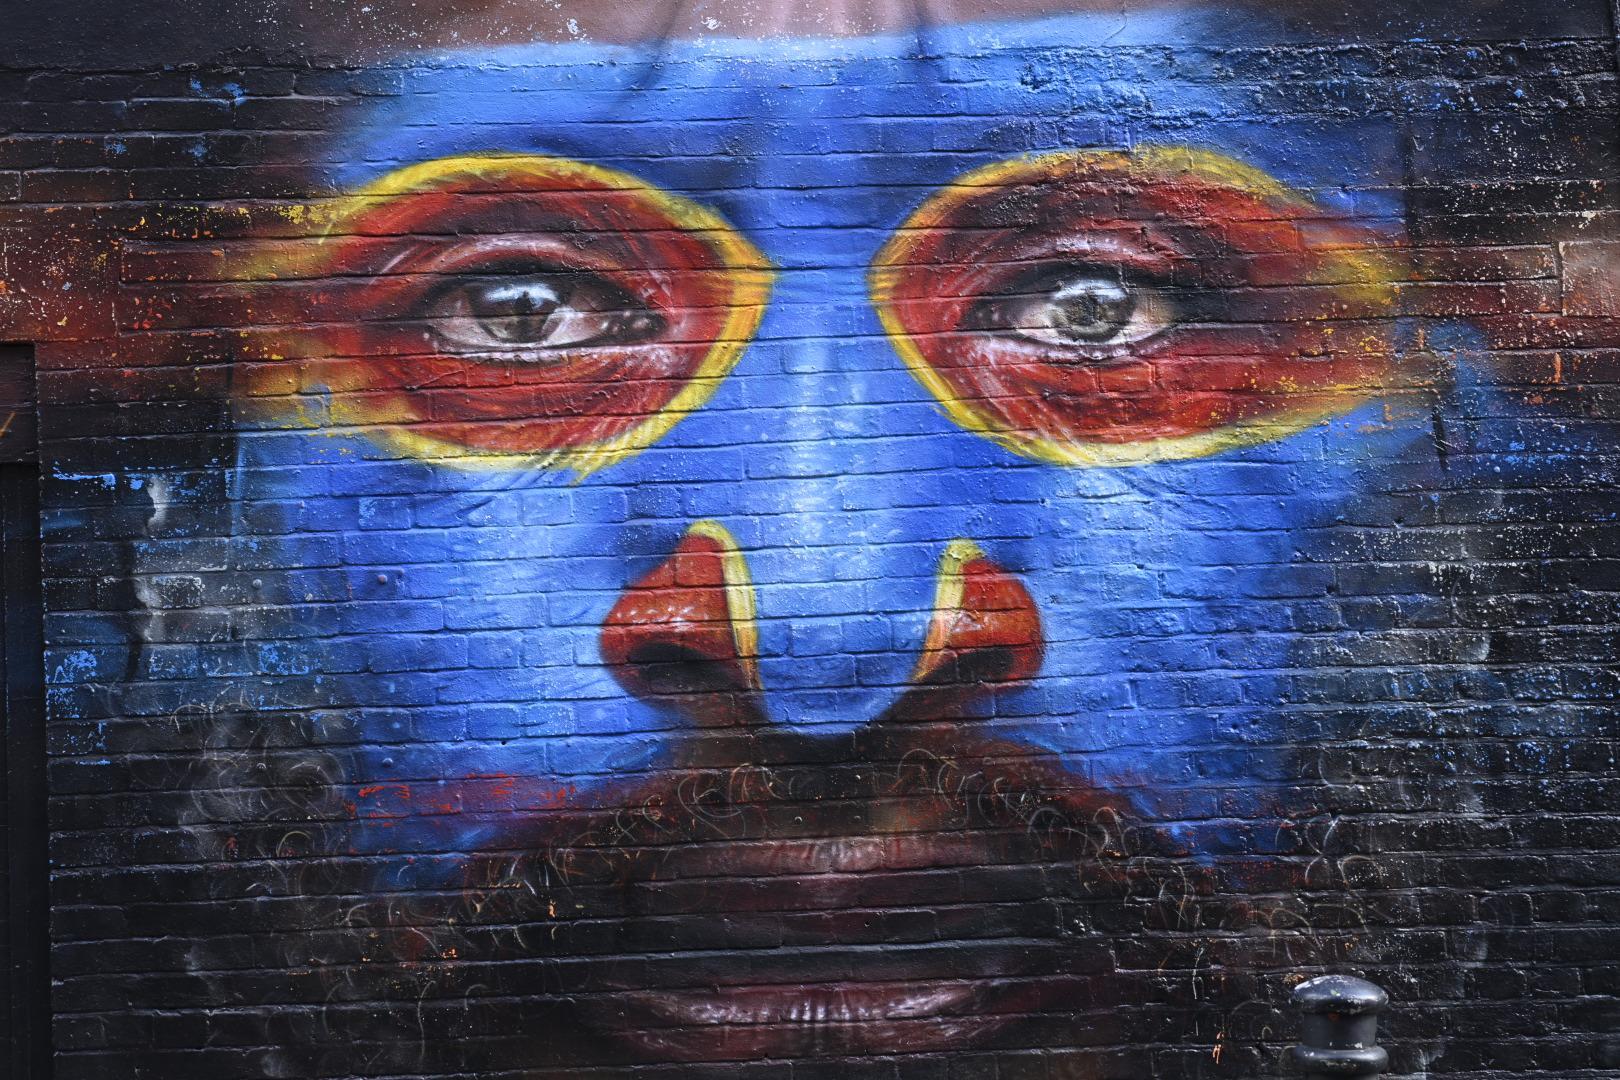 London Street art photo walk Brick Lane and Shoreditch